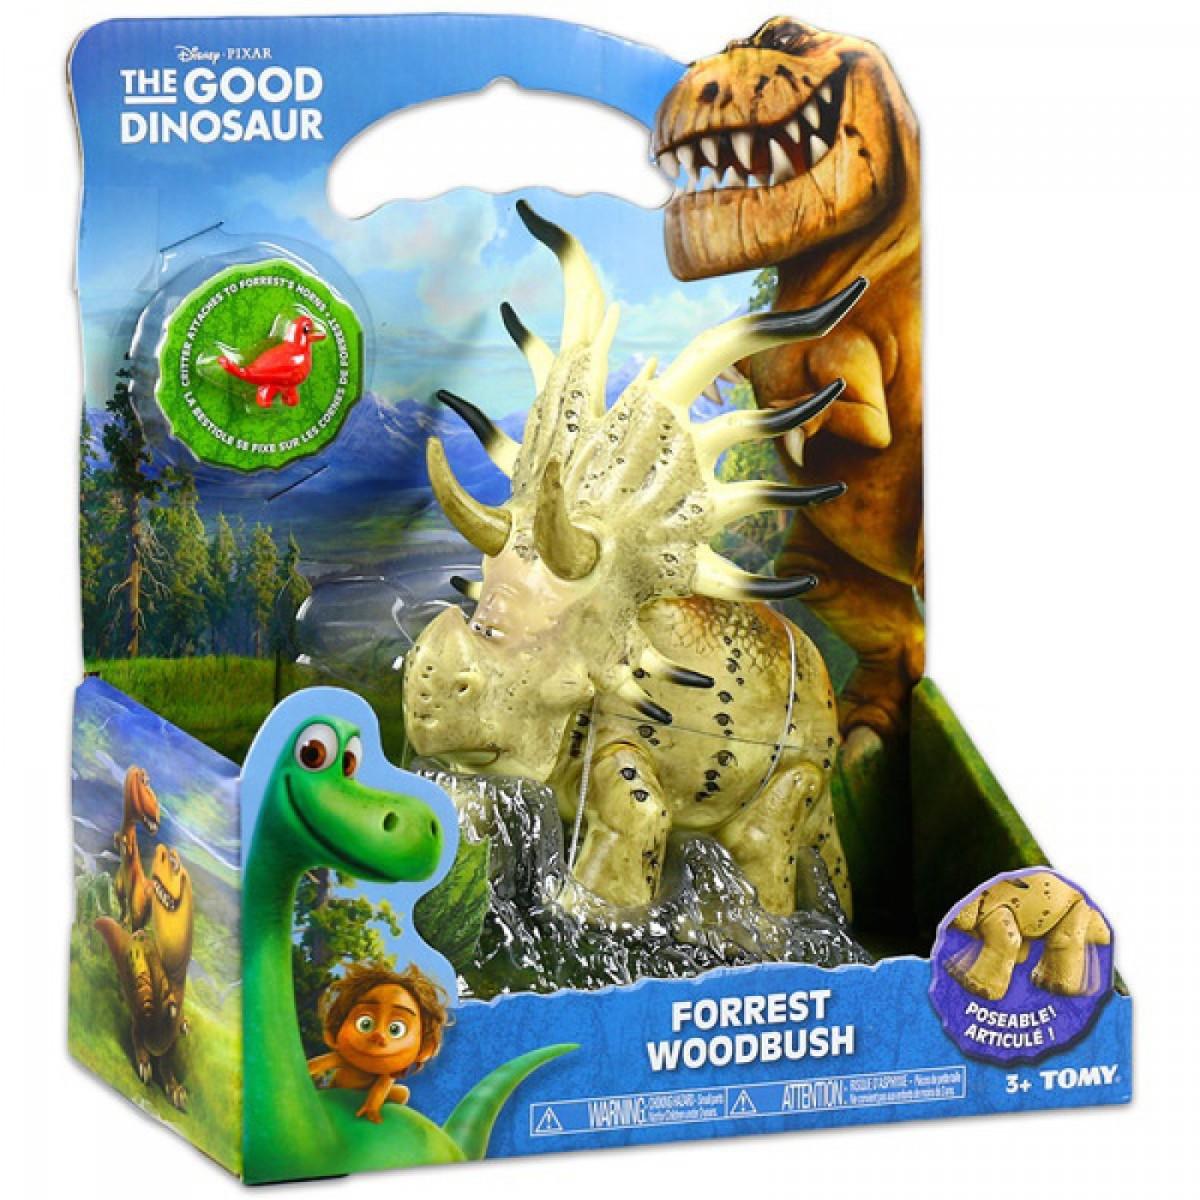 dínó tesó nagy forrest woodbush figura dínó tesó játékok